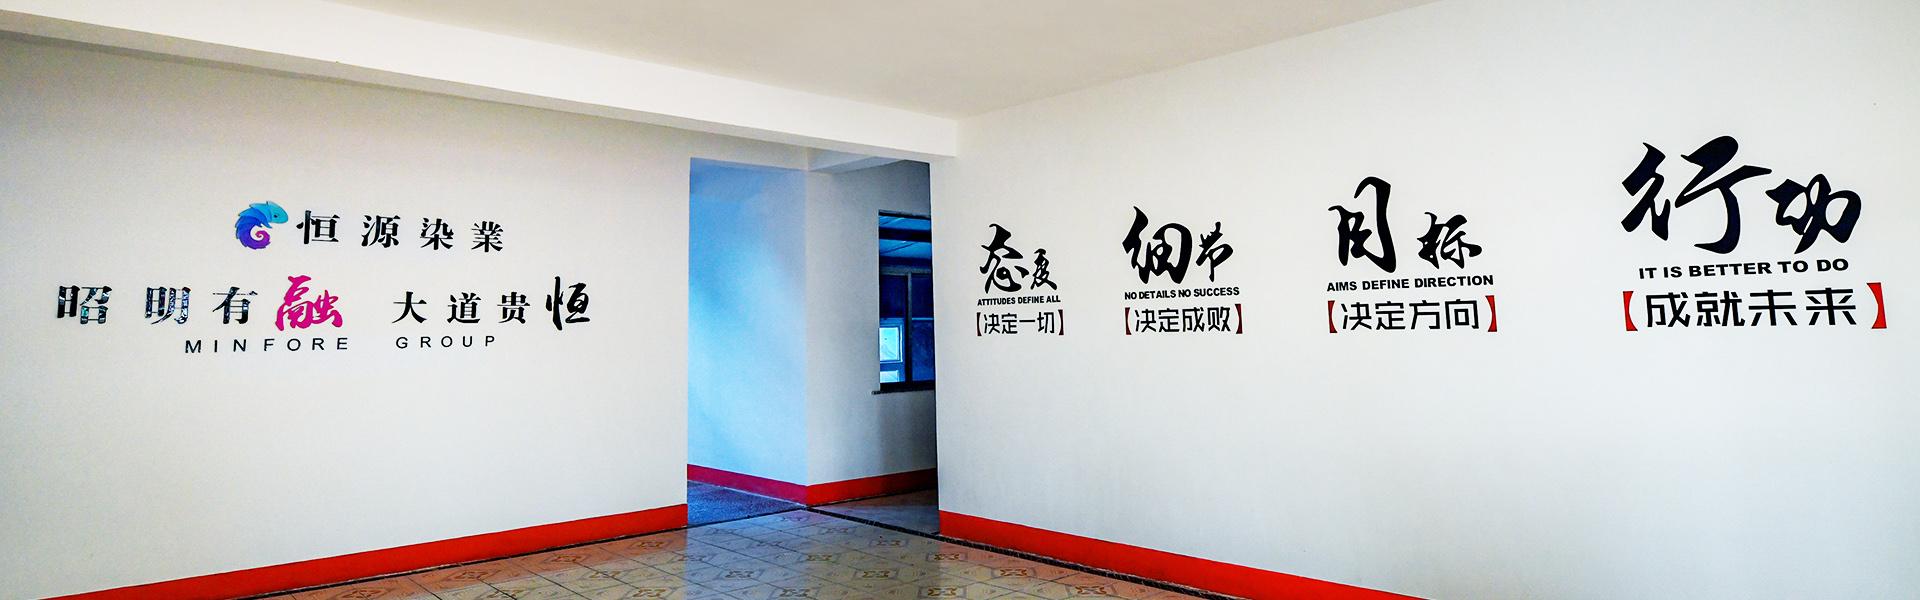 山東明福紡織貿易有限公司